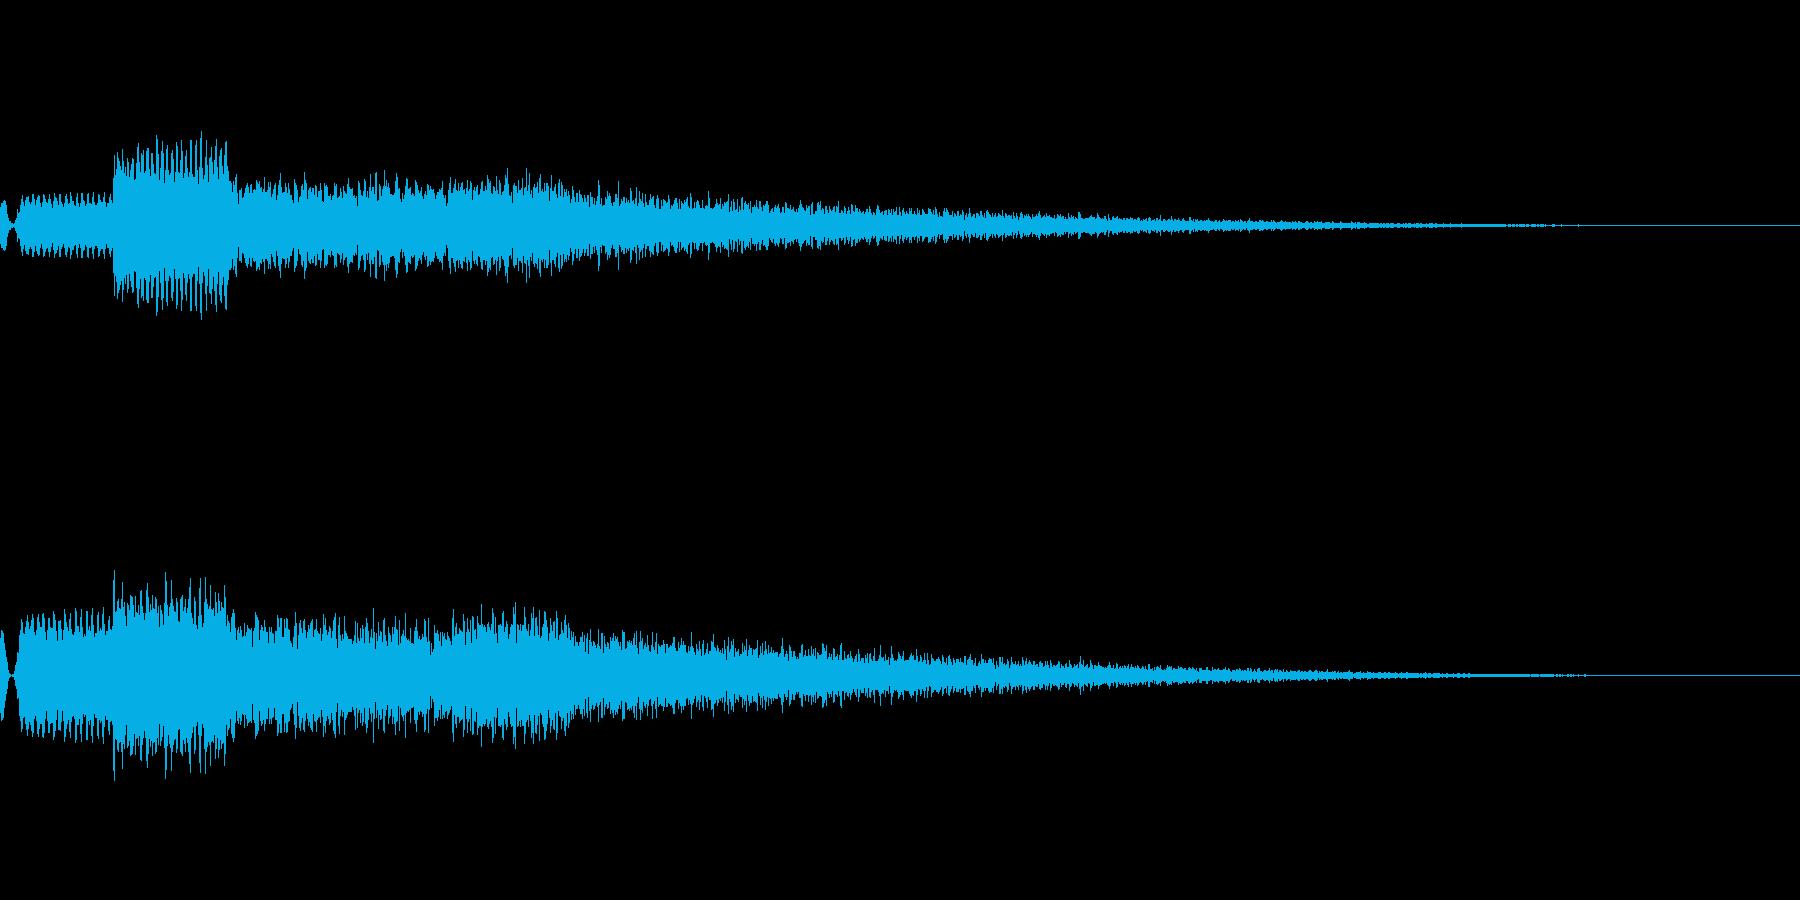 [効果音]チャイム、着信音の再生済みの波形